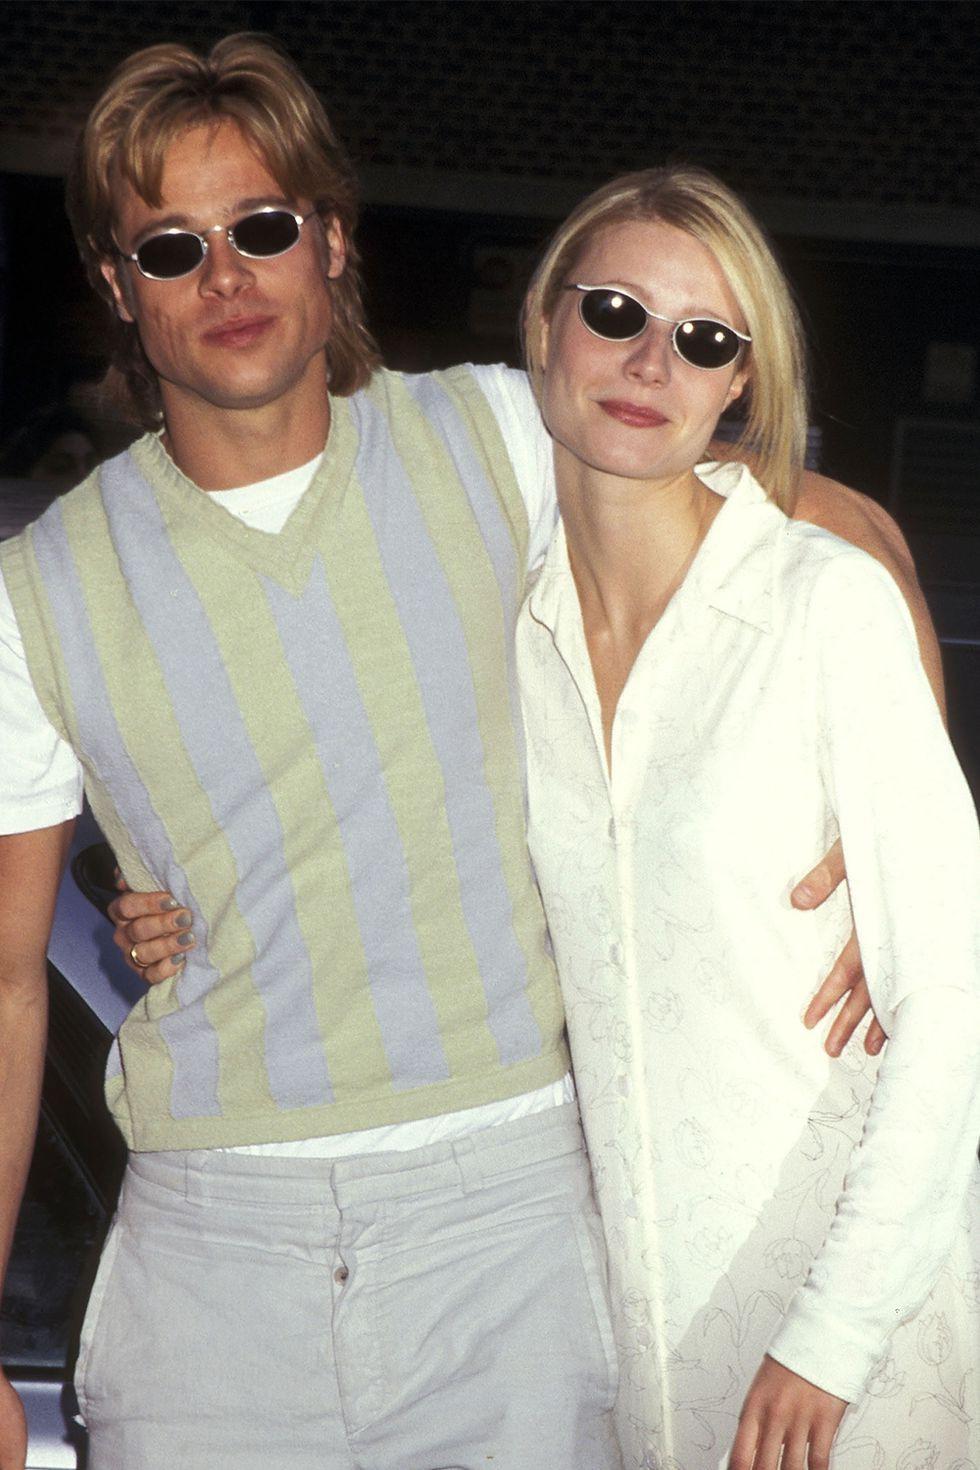 Brad Pitt và Gwyneth Paltrow là một trong những cặp đôi được yêu thích nhất thập kỷ 90. Và hai bộ trang phục tối giản, mang sắc màu tươi sáng này lại càng khiến cặp đôi trở nên ngọt ngào, đáng ngưỡng mộ hơn trong mắt công chúng.